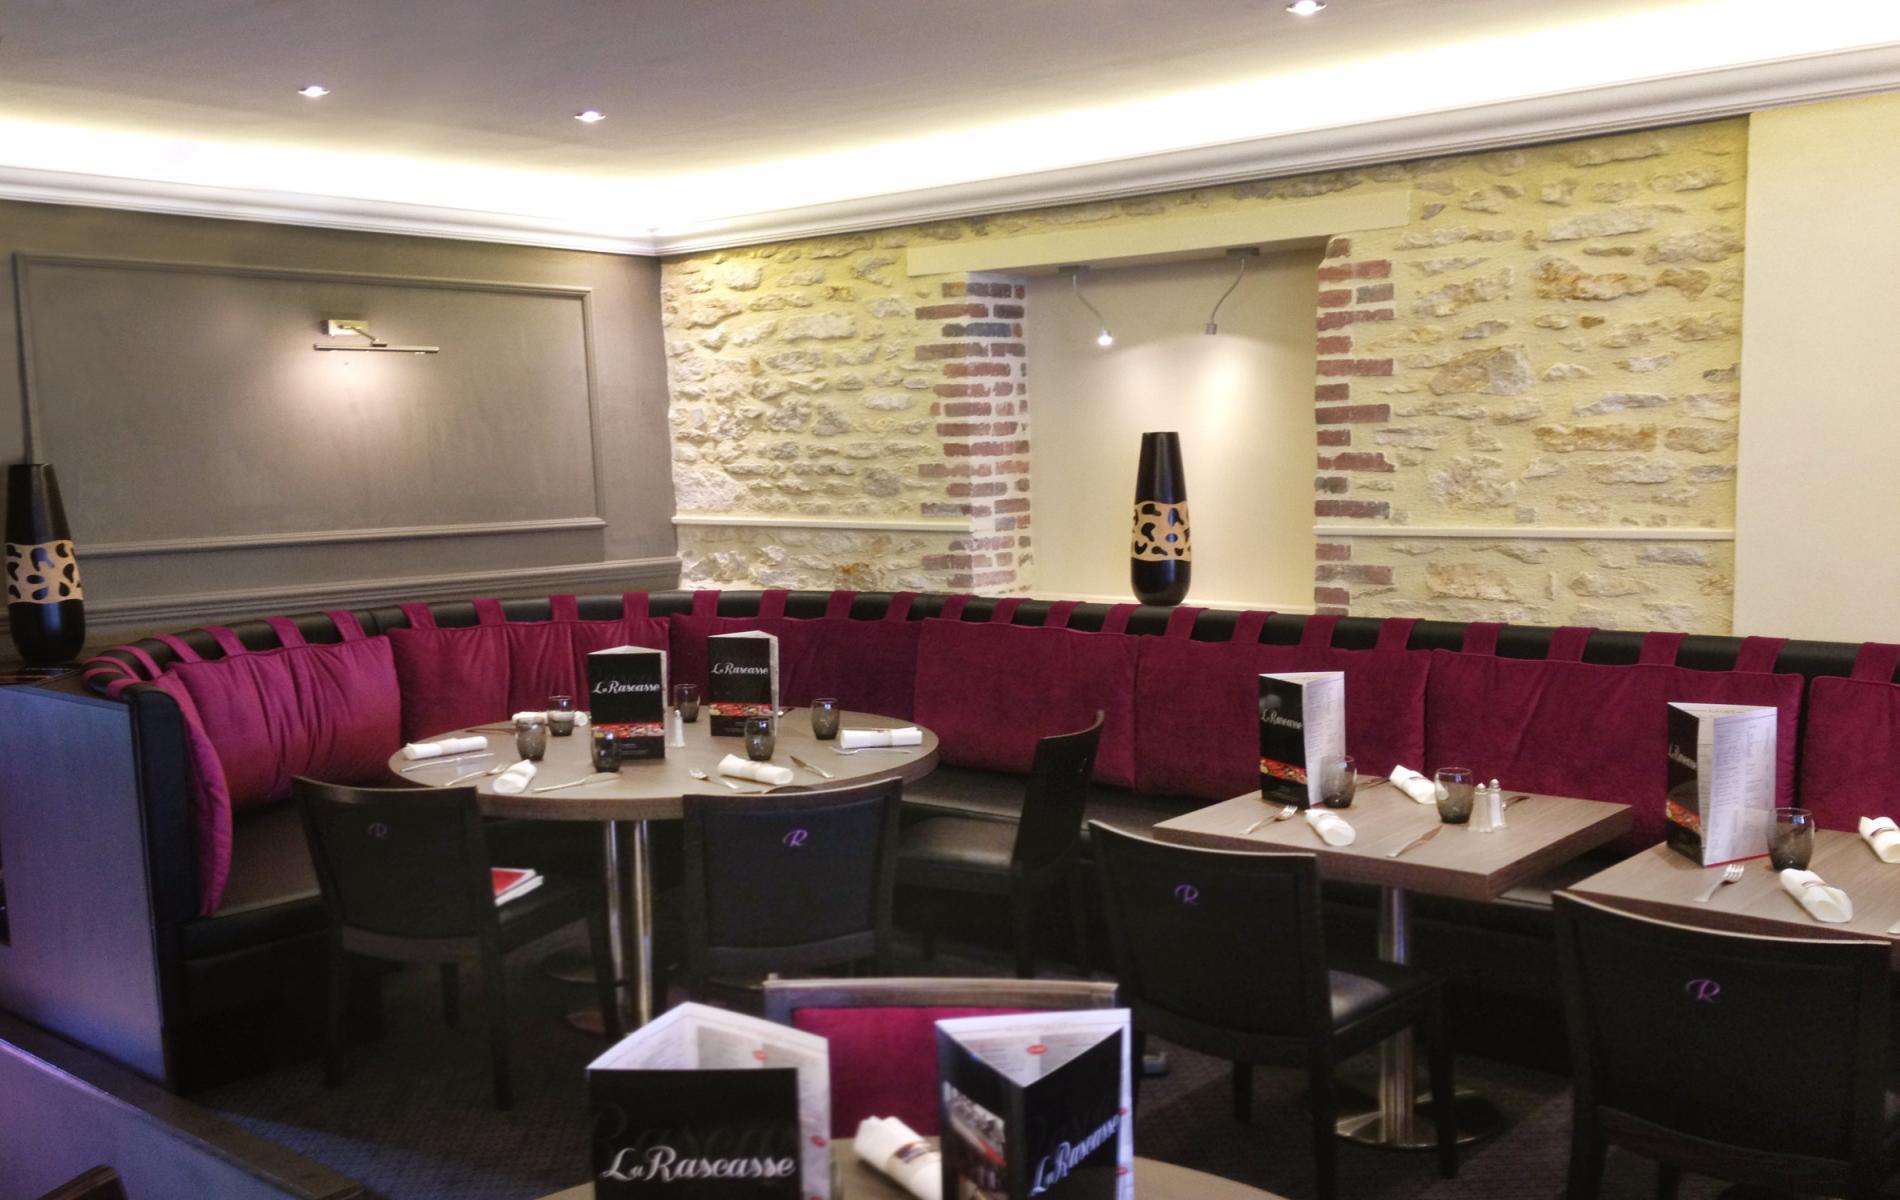 Salle de restaurant - La Rascasse - Ouistreham